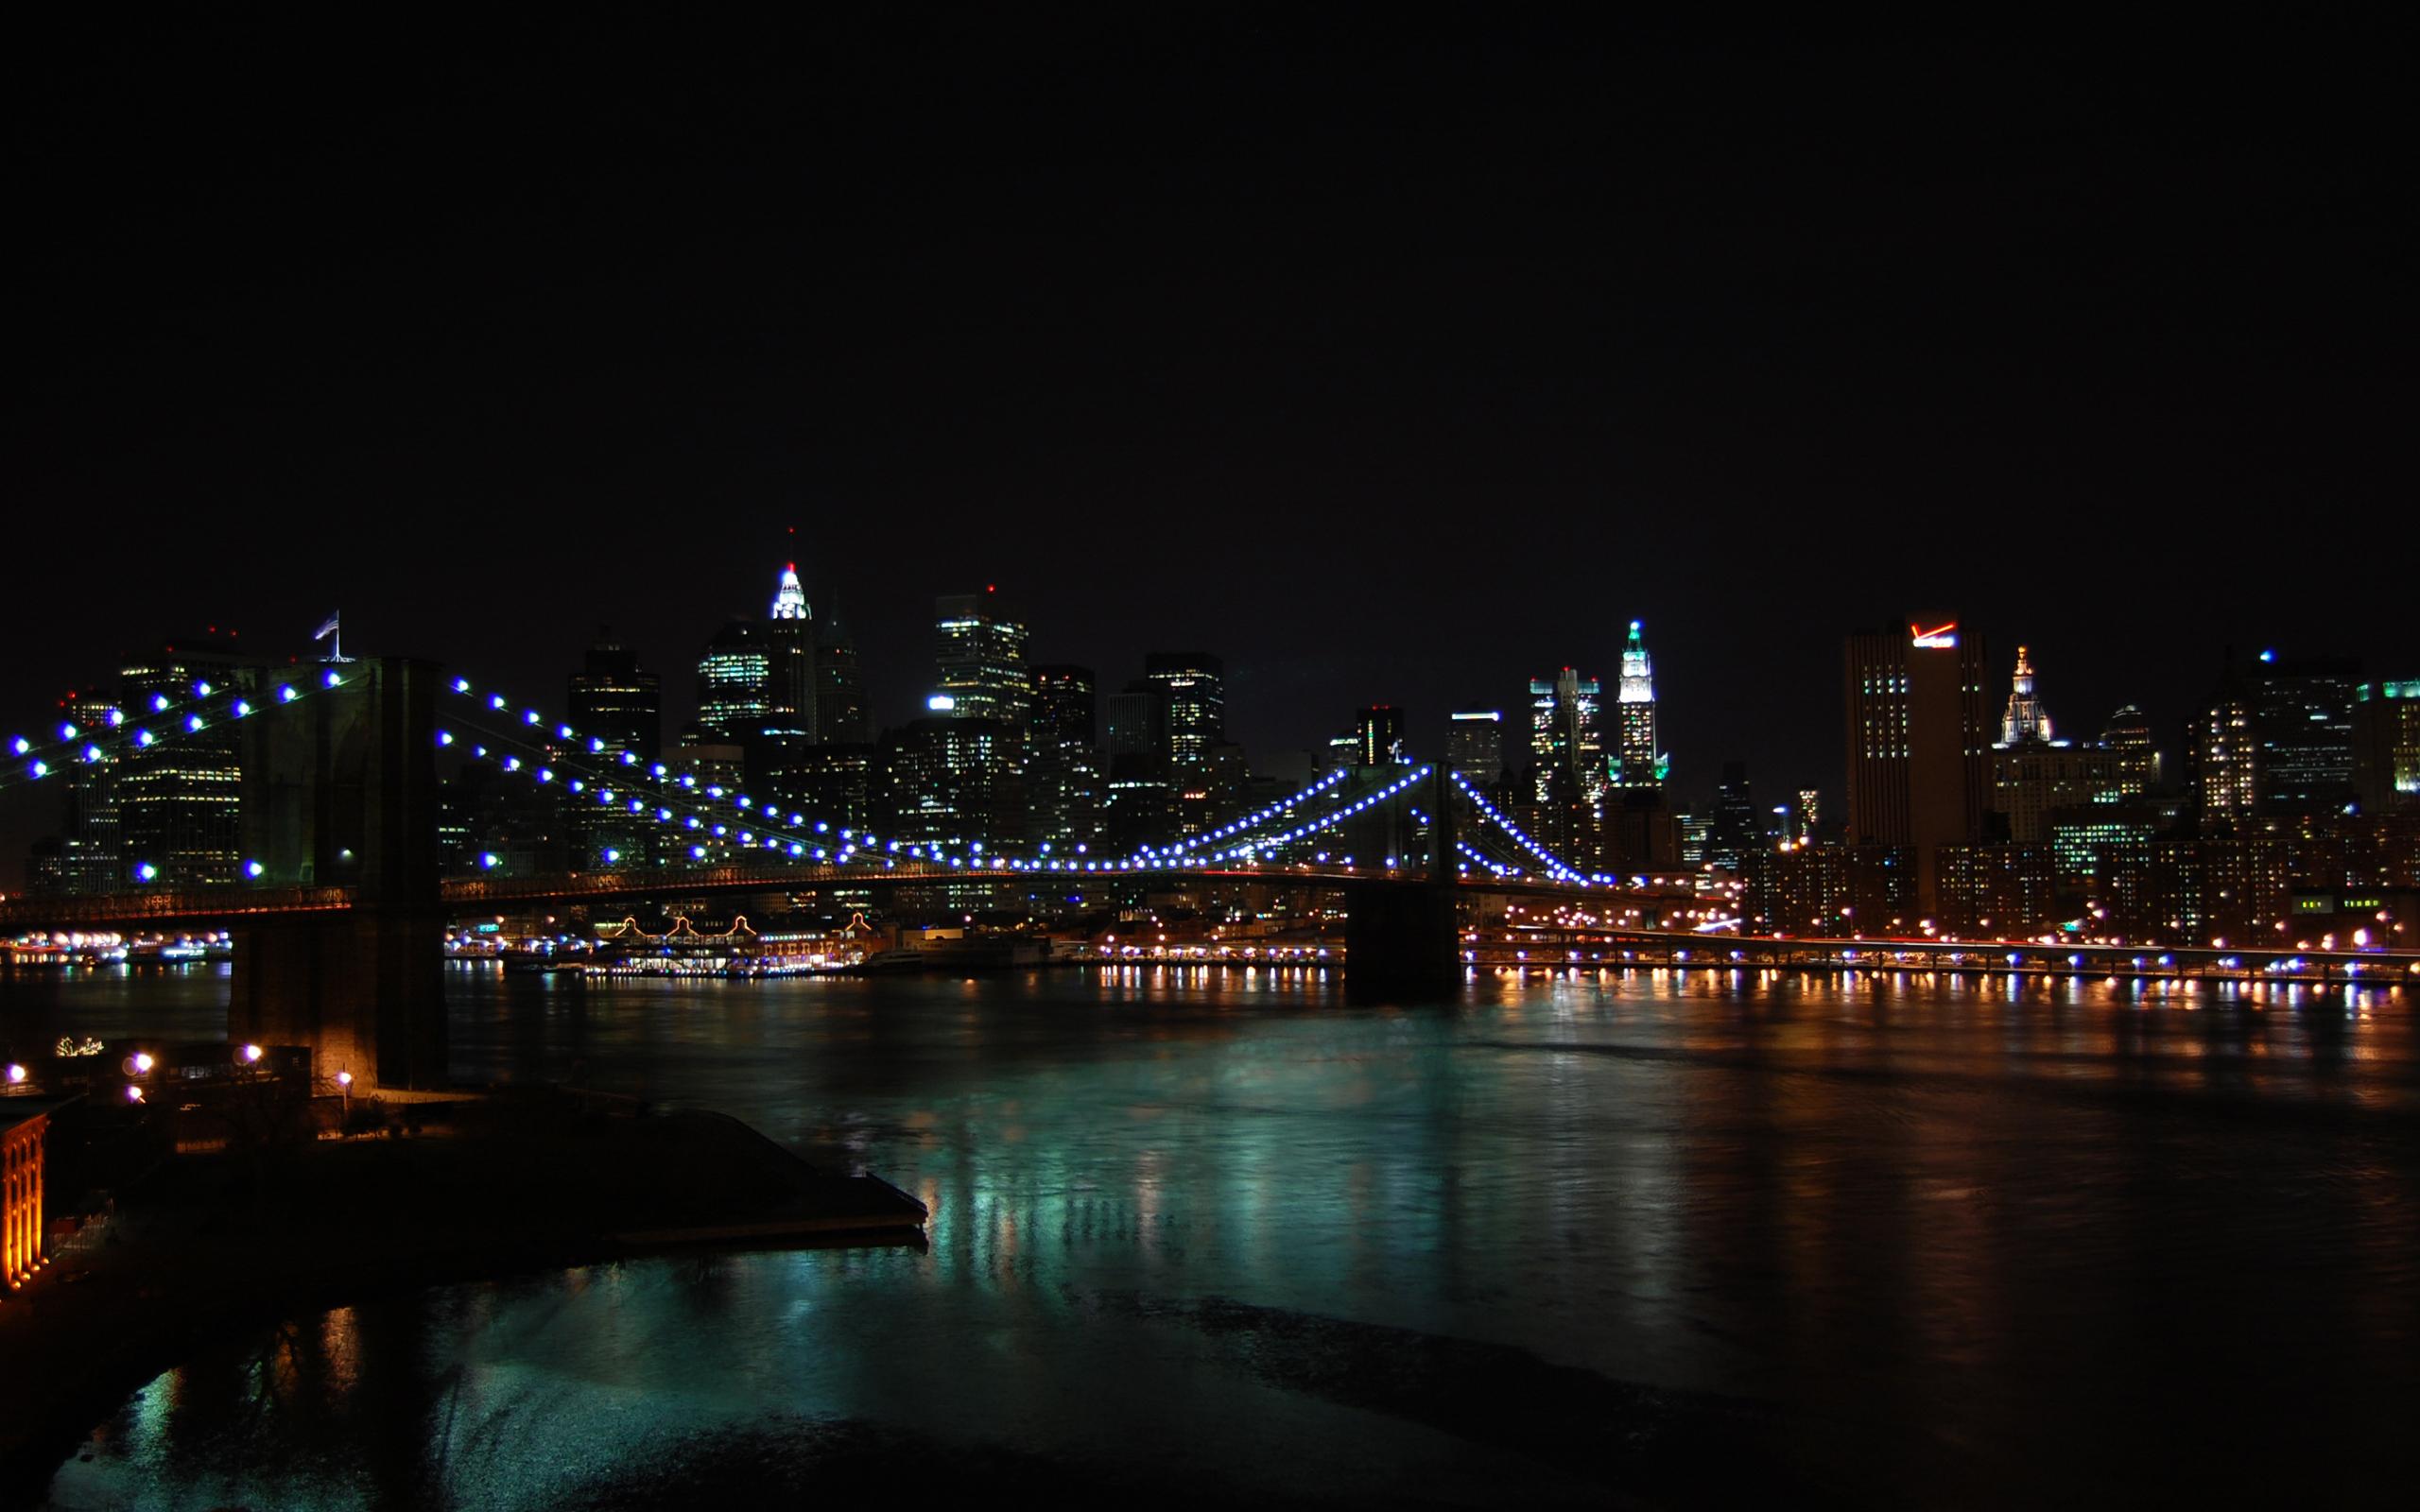 Foto Ciudad de Noche